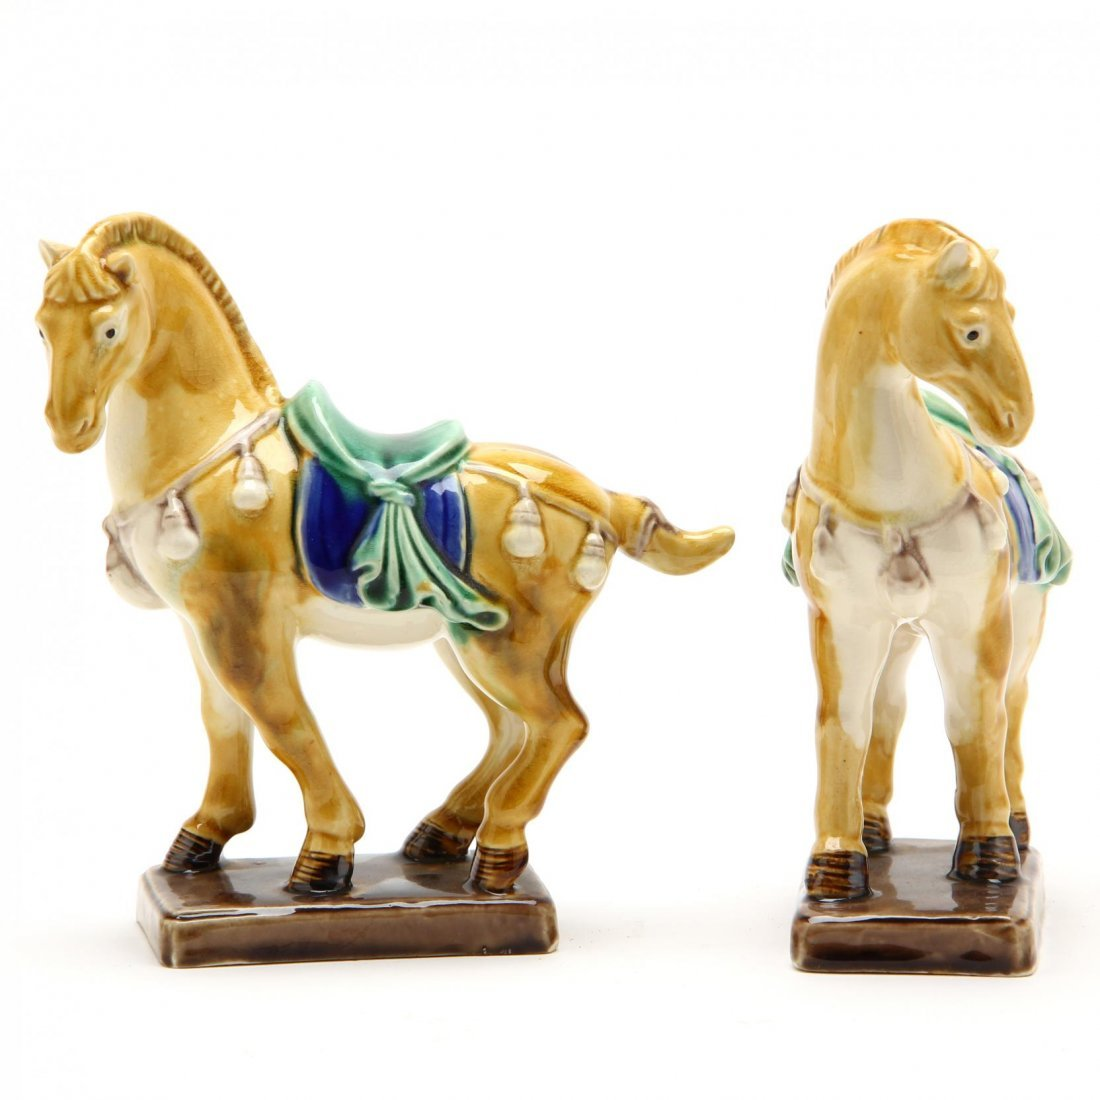 Pair of Diminutive Tang Style Horses